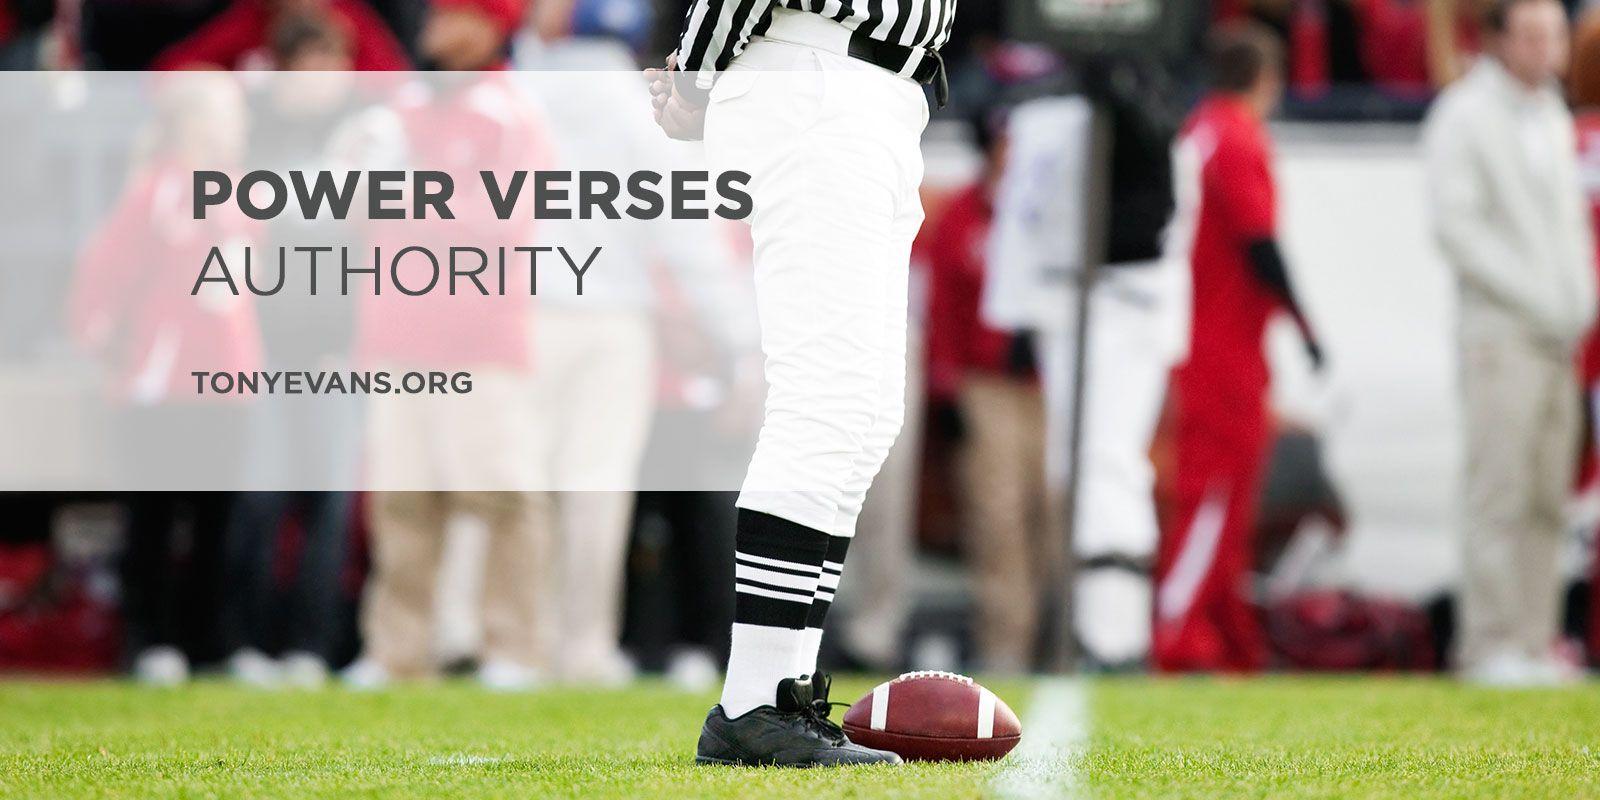 Power Verses Authority